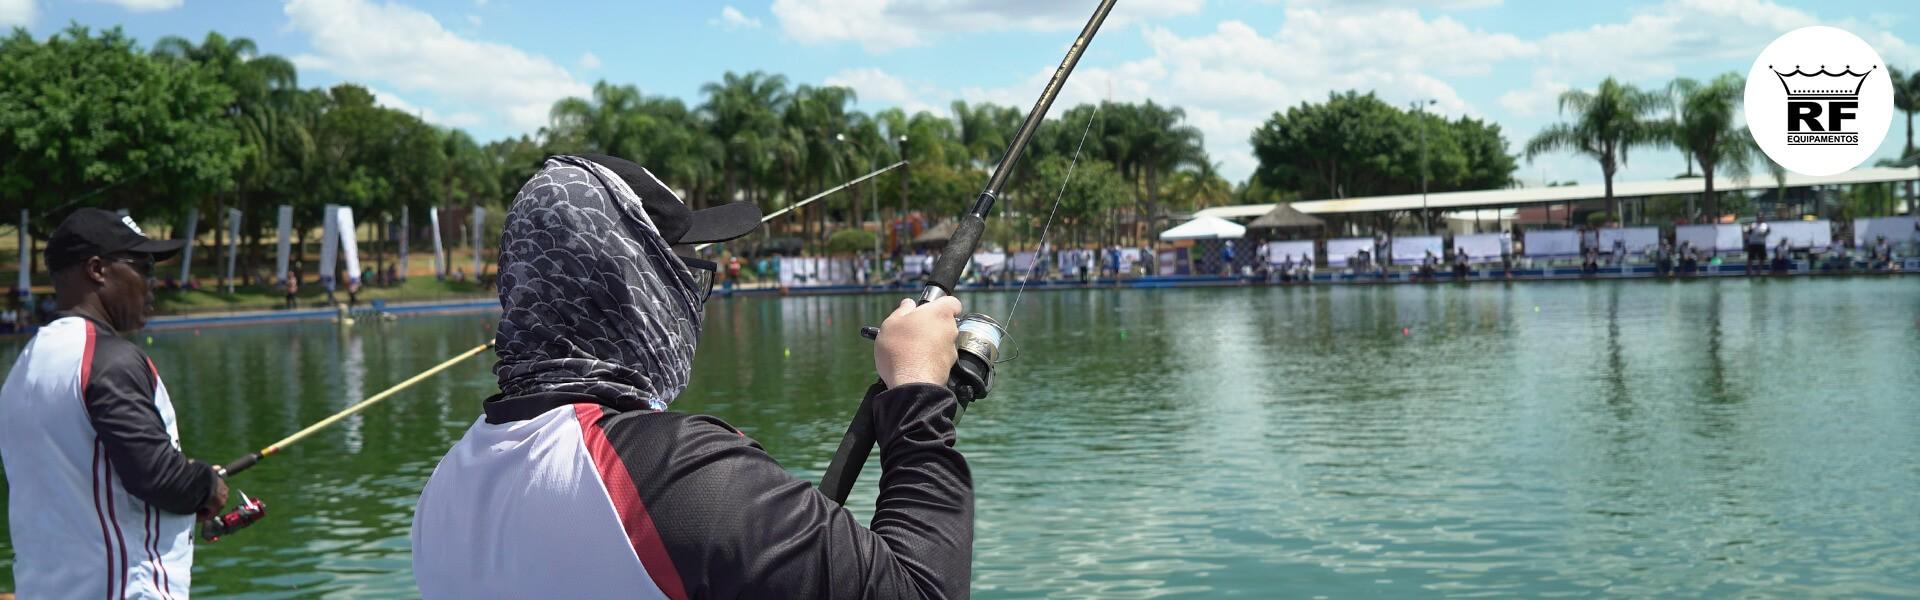 RF Equipamentos inicia parceria com Campeonato Brasileiro em Pesqueiros